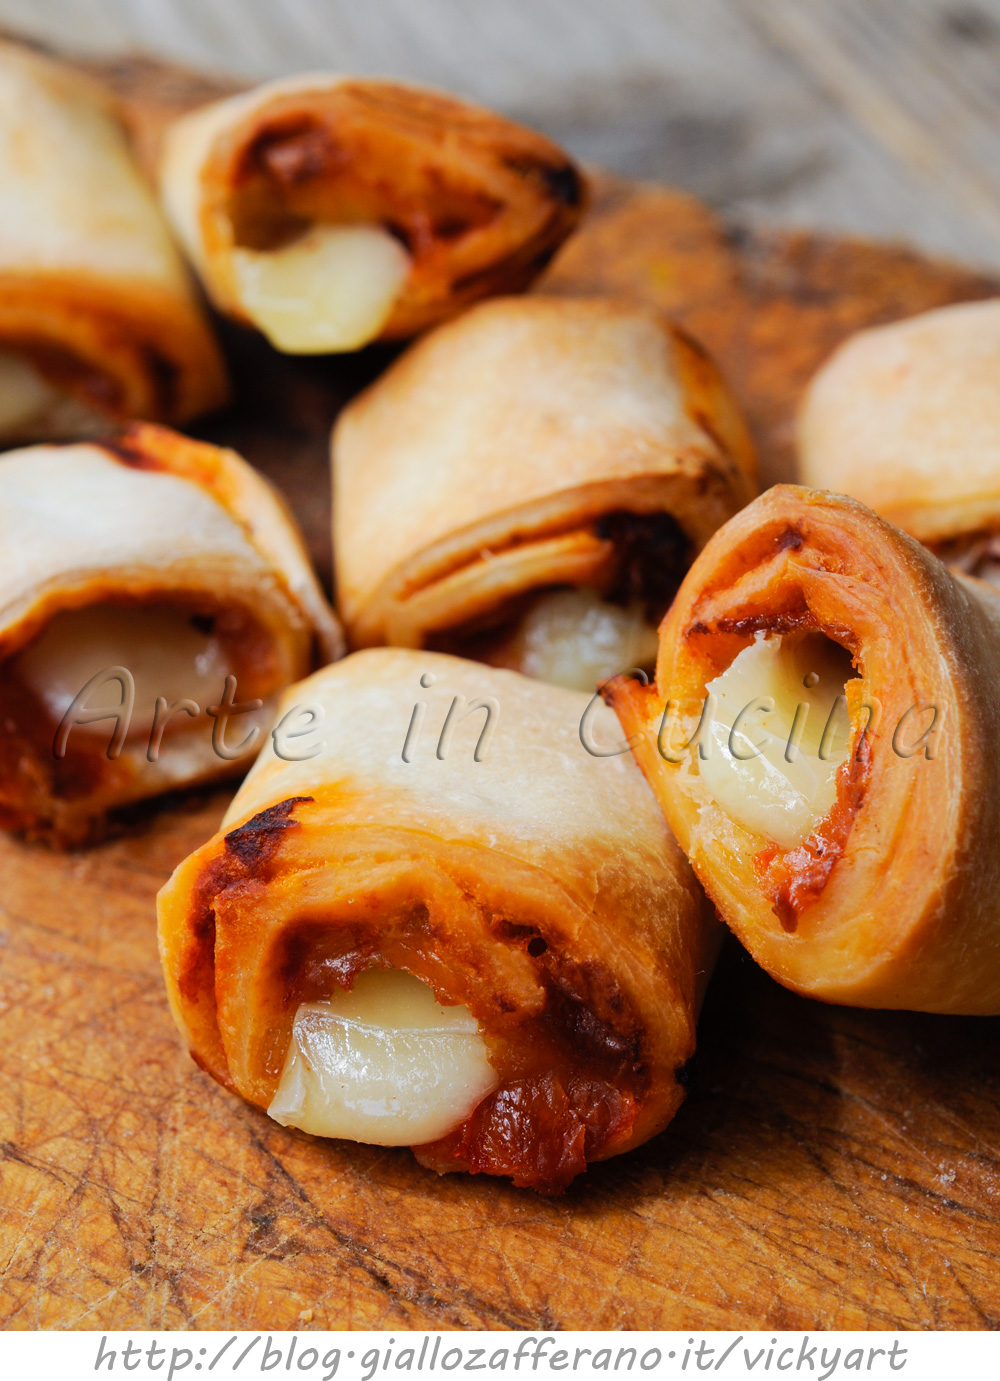 Stuzzichini veloci gusto pizza ricetta senza lievito vickyart arte in cucina